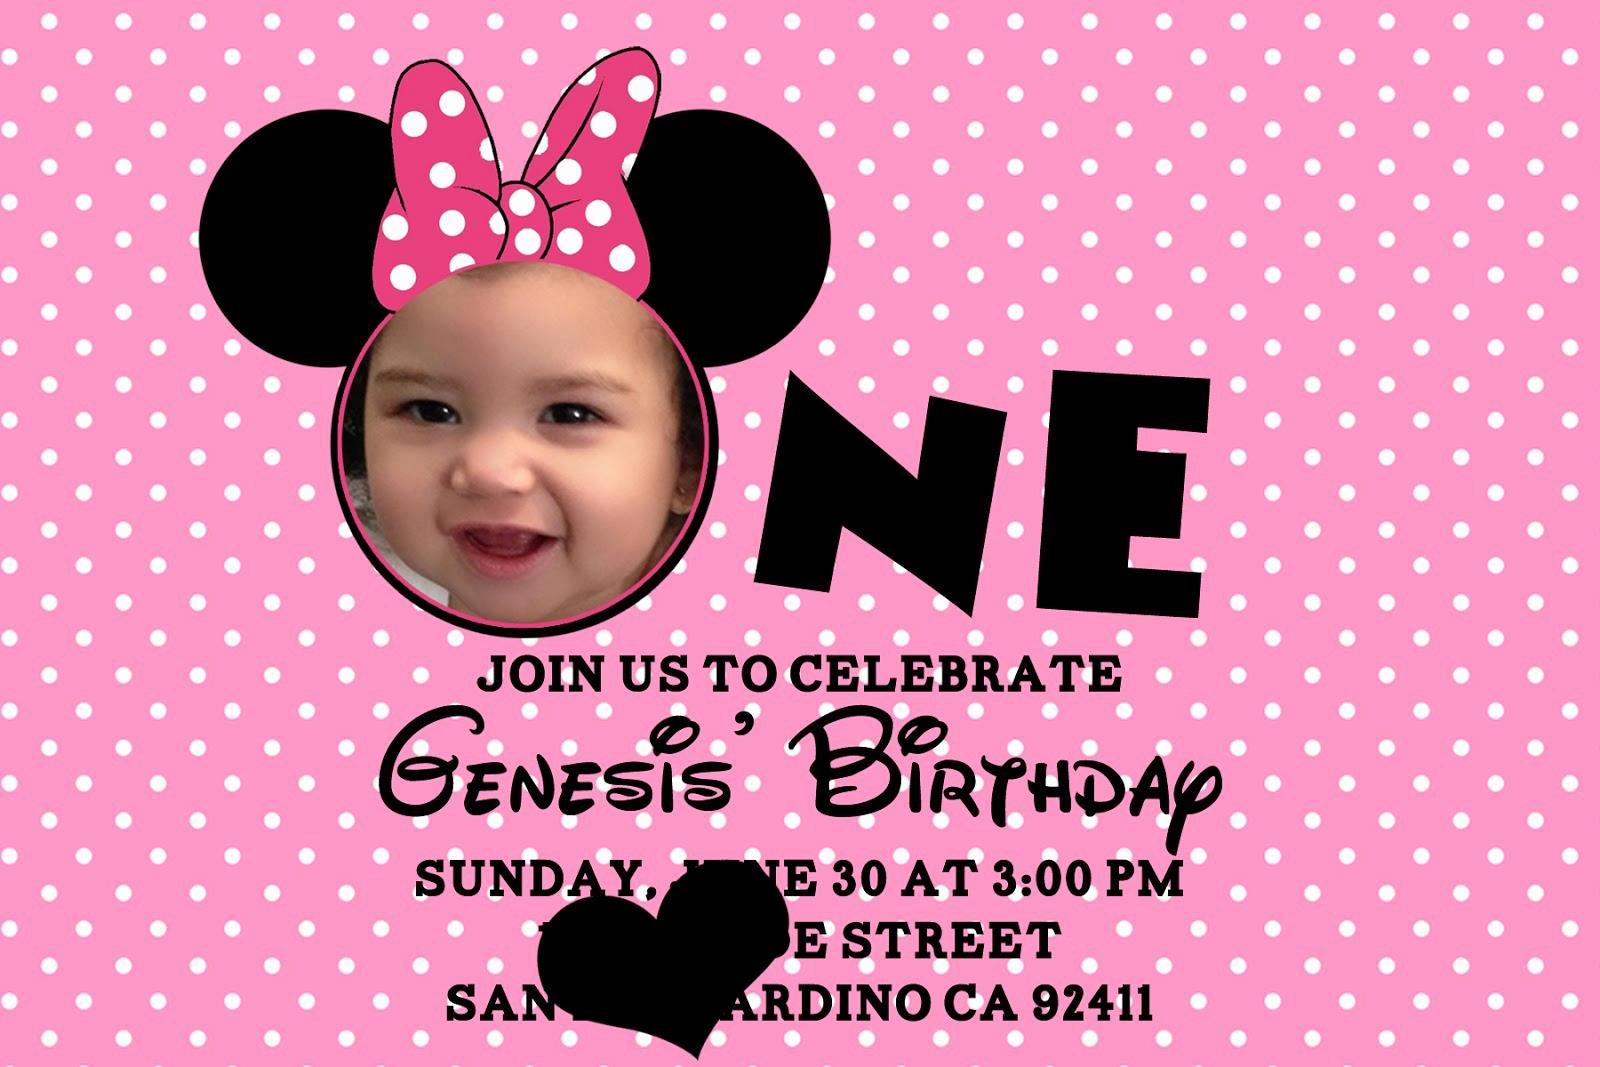 Minnie Mouse Birthday Invitations Unique Minnie Mouse Birthday Invitations Personalized – Bagvania